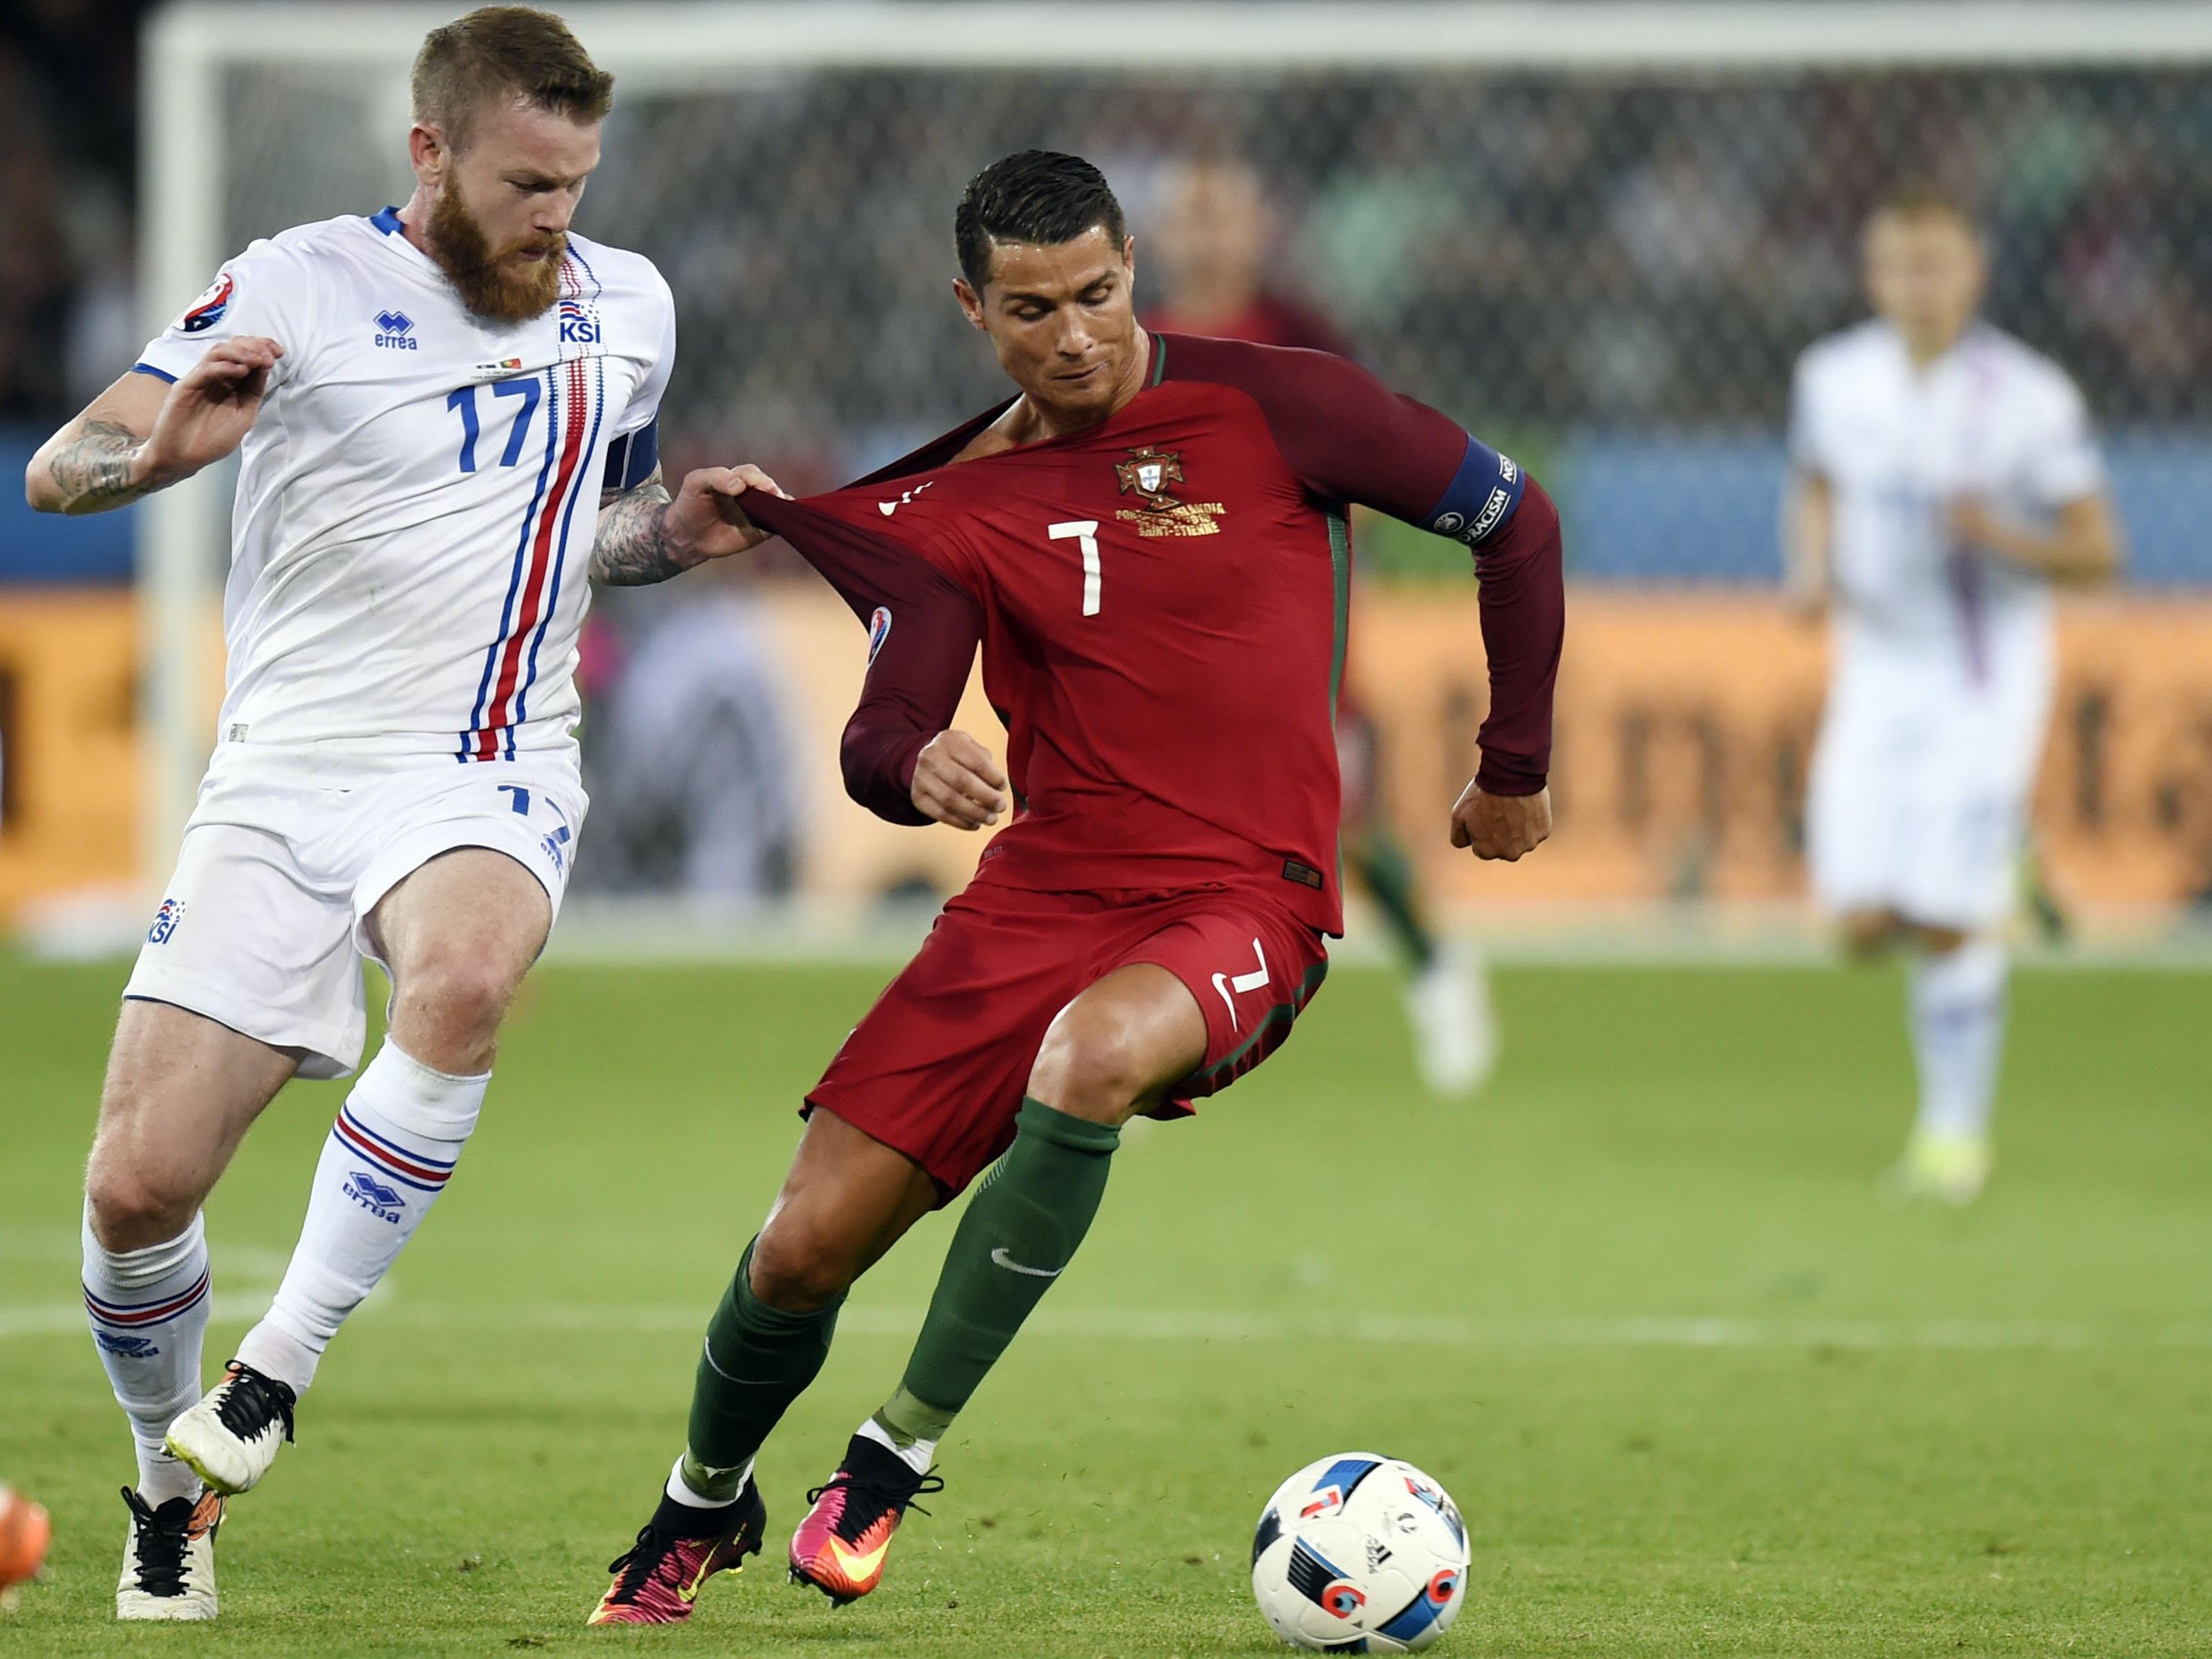 Für Ronaldo und Co. reichte es nur zu einem 1:1 gegen Island.